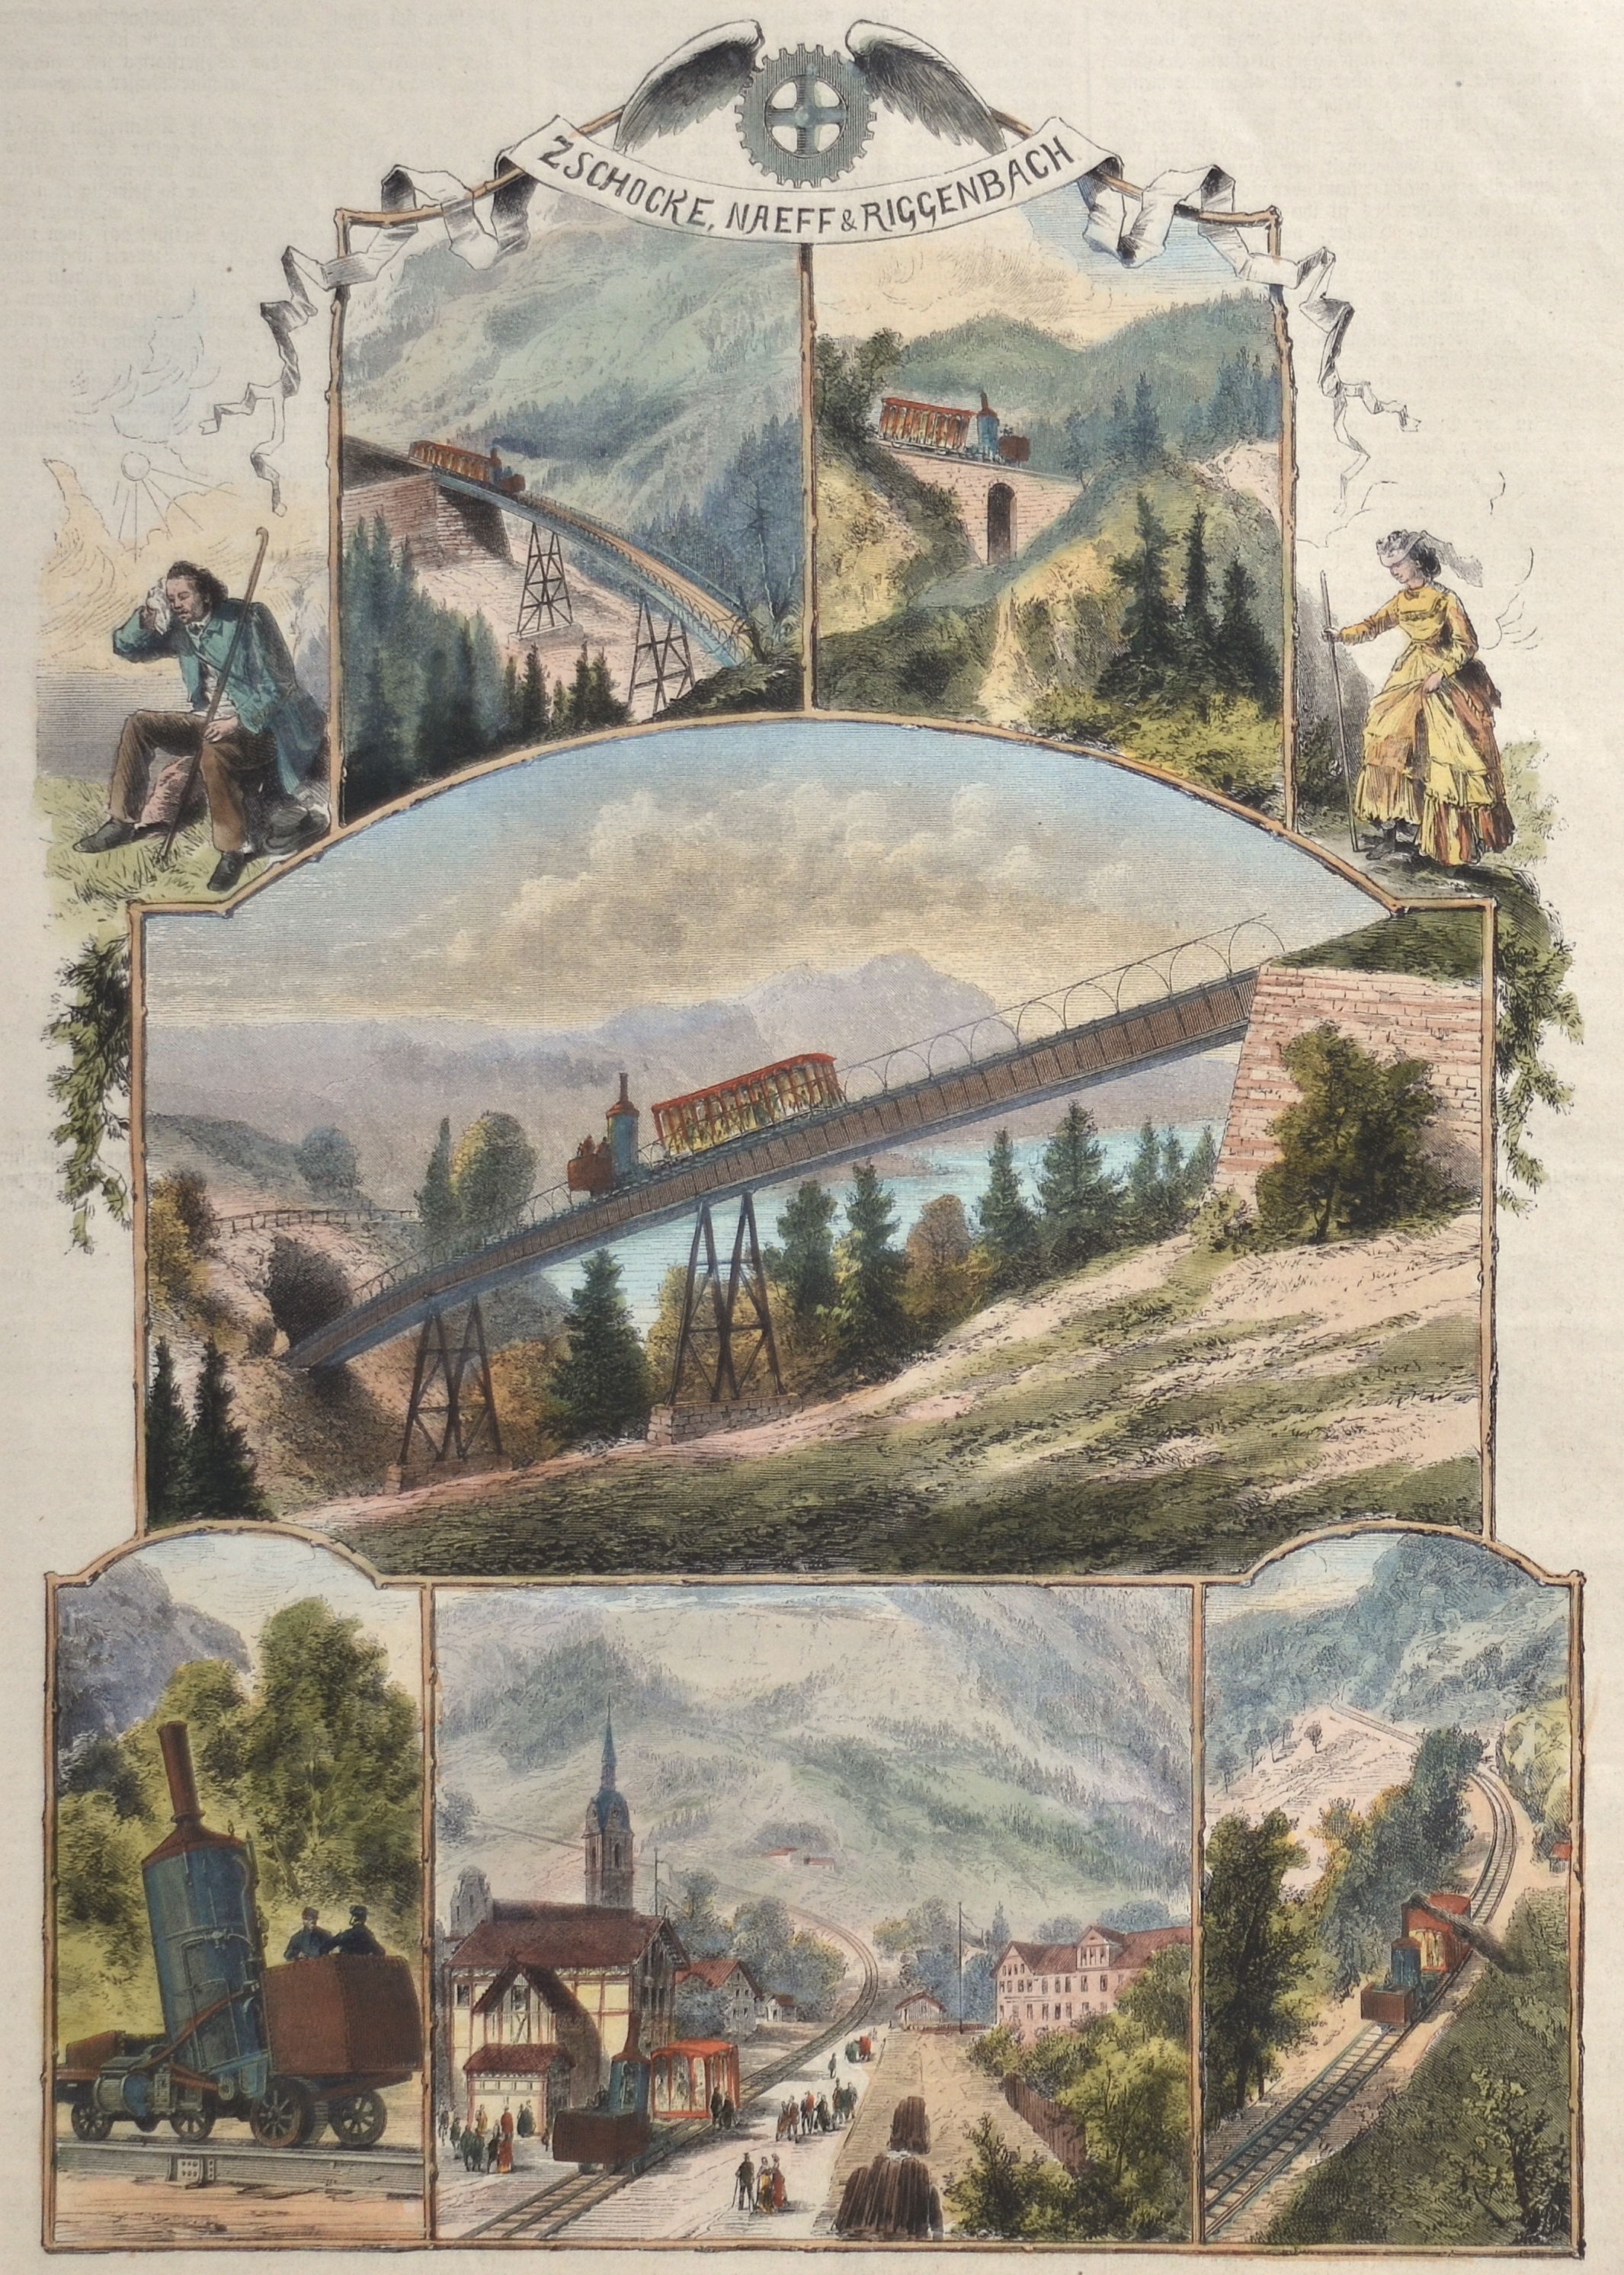 Fischer  Zschocke, Naeff & Riggenbach / Die Rigi-Eisenbahn in der Schweiz.